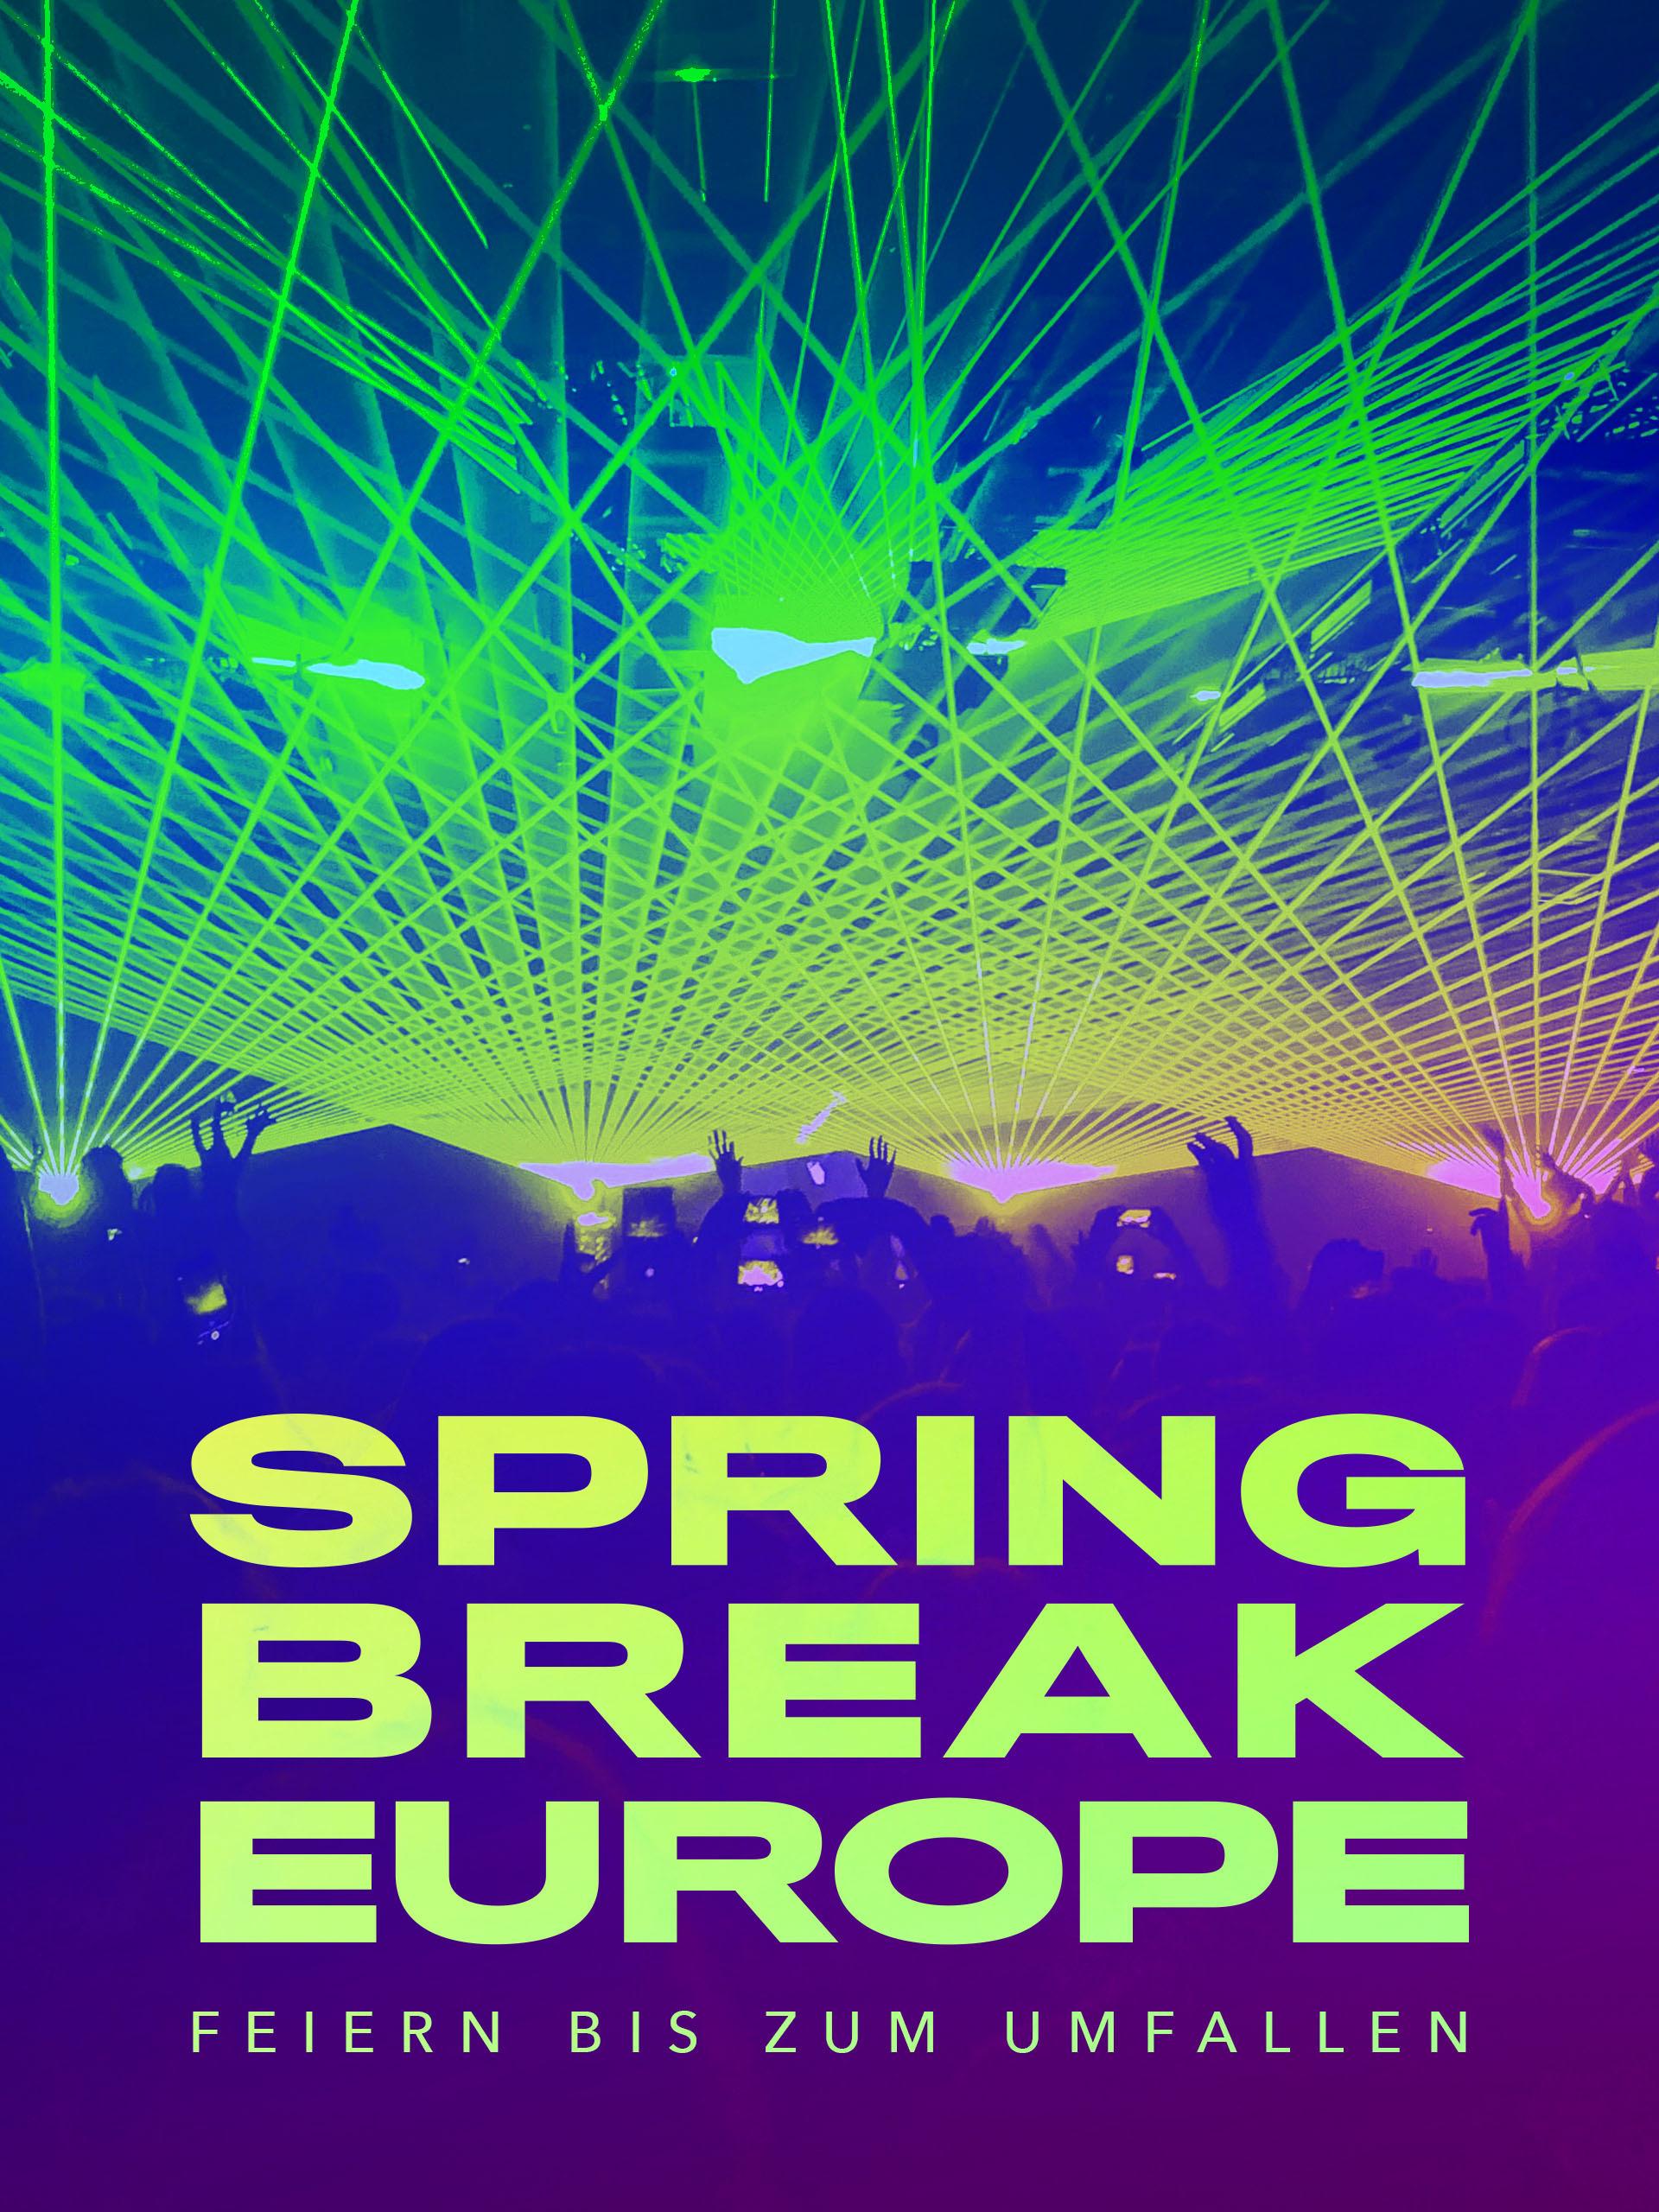 Spring Break Europe - Feiern bis zum Umfallen